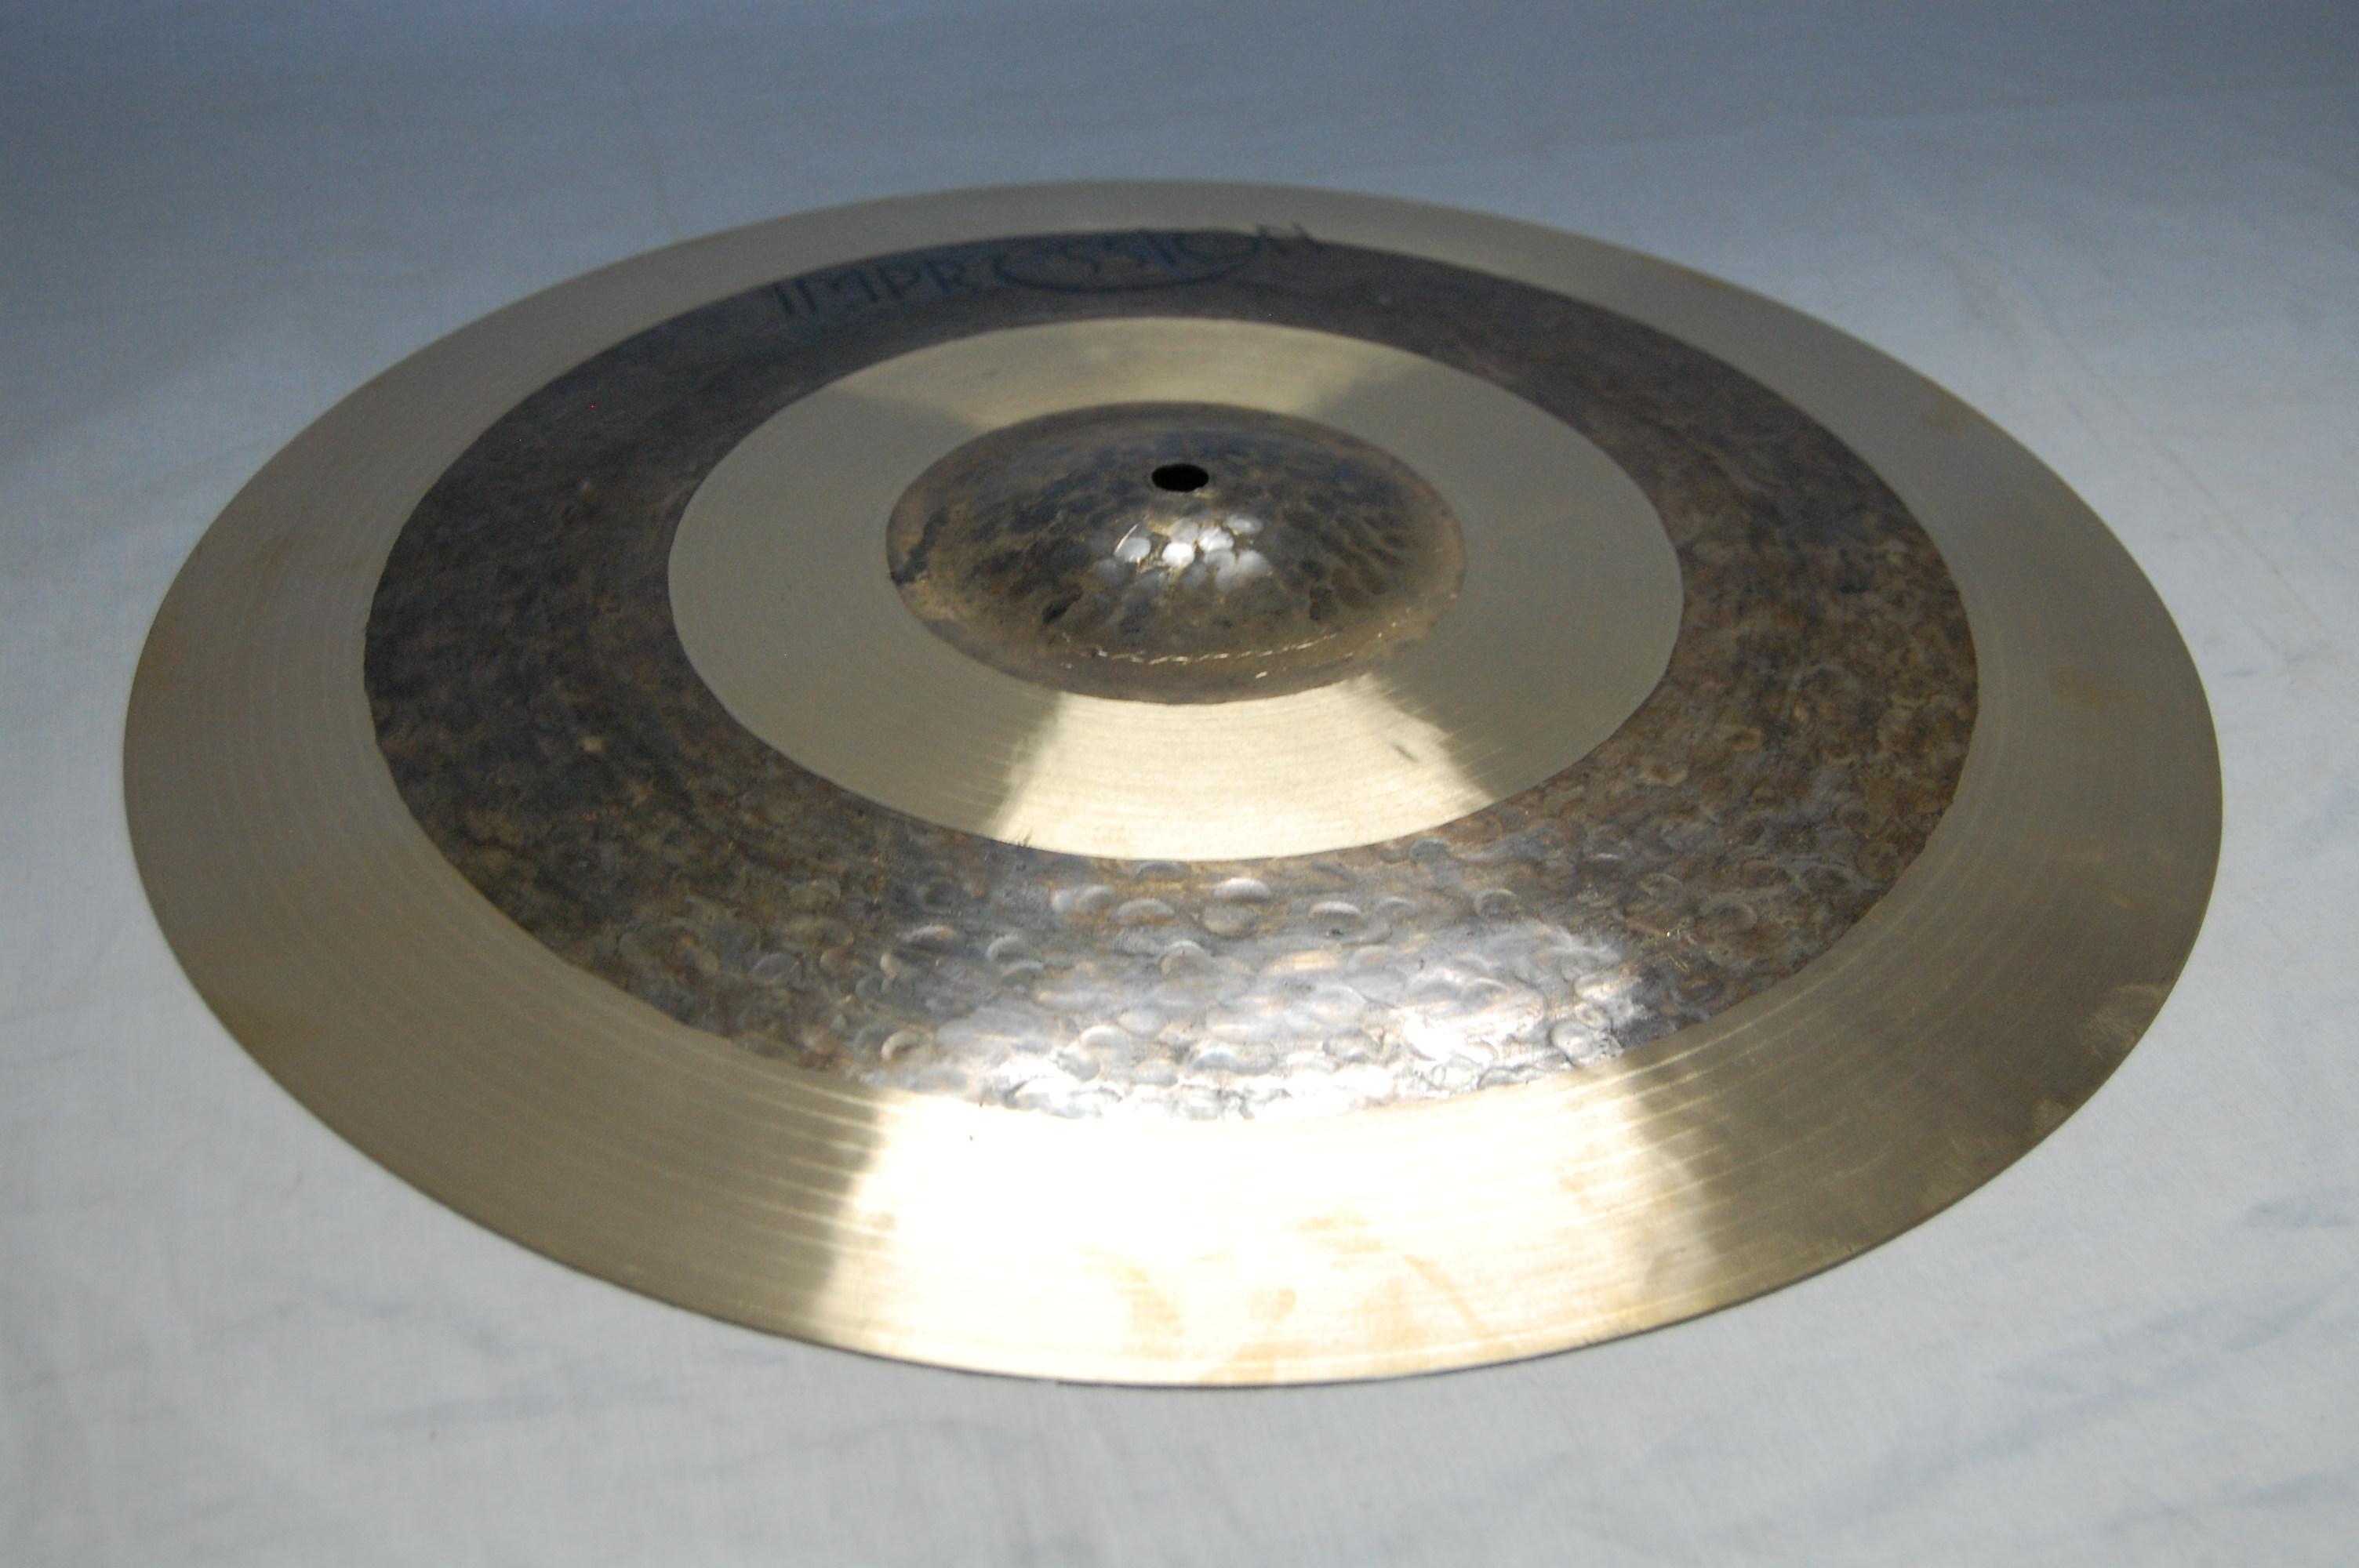 impression cymbals 18 mixed crash drumattic. Black Bedroom Furniture Sets. Home Design Ideas